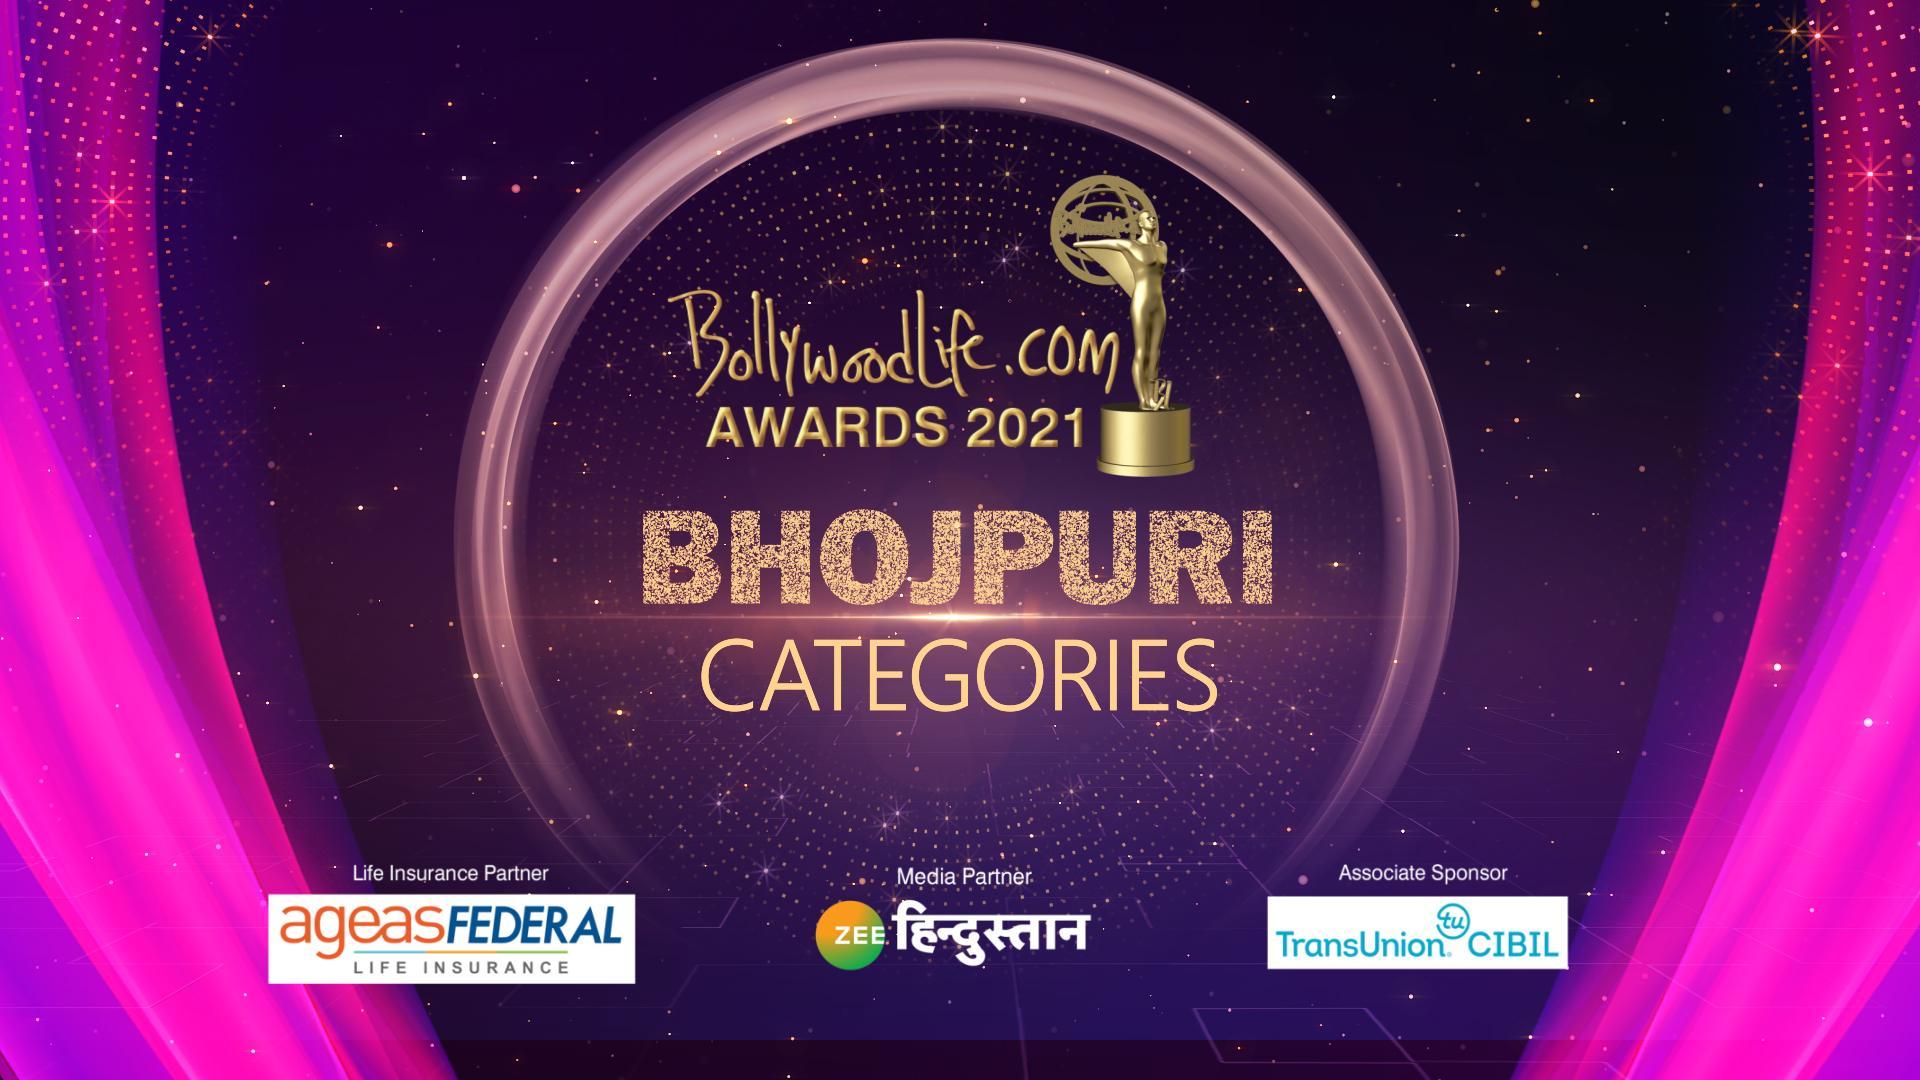 BLAwards2021: बॉलीवुड लाइफ अवॉर्ड्स के साथ जुड़ी Bhojpuri इंडस्ट्री, पसंदीदा स्टार को नॉमिनेट कर जीतें 30 लाख रुपये